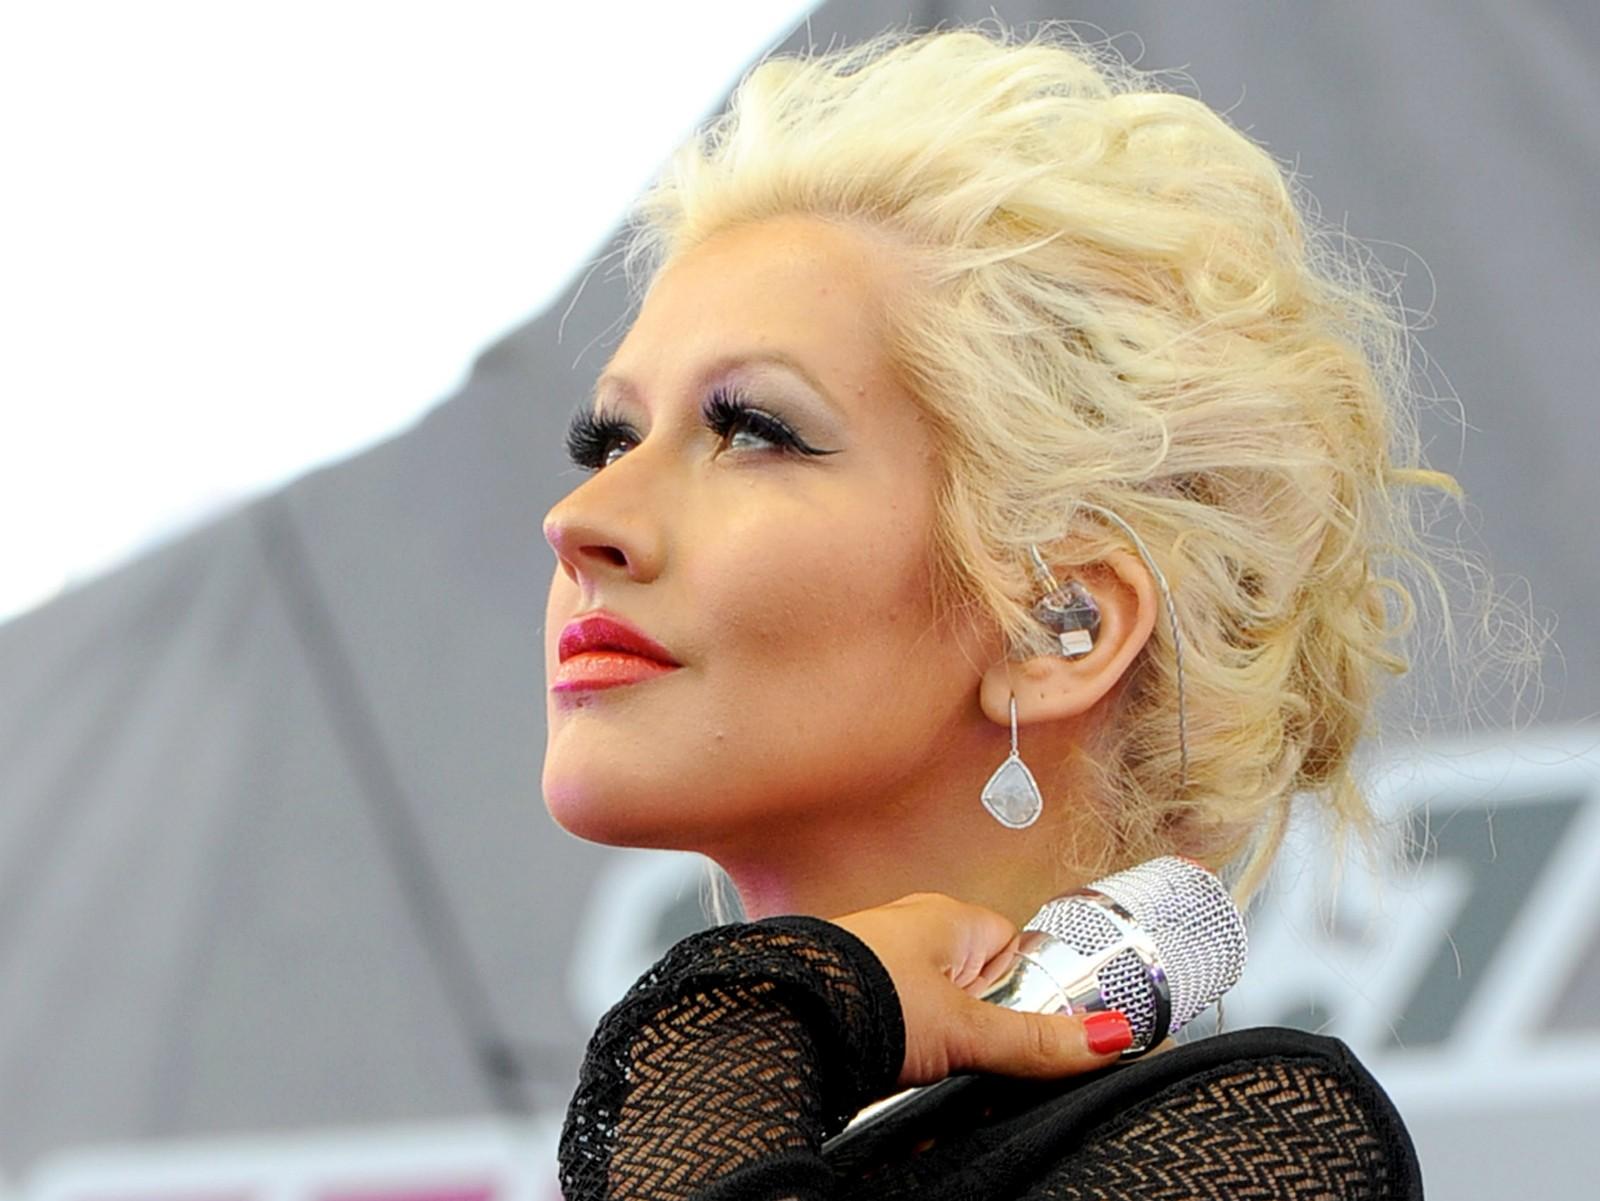 """""""Posso orgulhosamente dizer que [o álbum 'Bionic', de 2010] estava à frente de seu tempo, para ser honesta. Você tinha de ser apaixonado por música para valer, ser um verdadeiro admirador da música e da paixão por estar aberto para realmente apreciar aquele disco"""" — Christina Aguilera à revista 'Billboard' em 2012. (Foto: Getty Images)"""